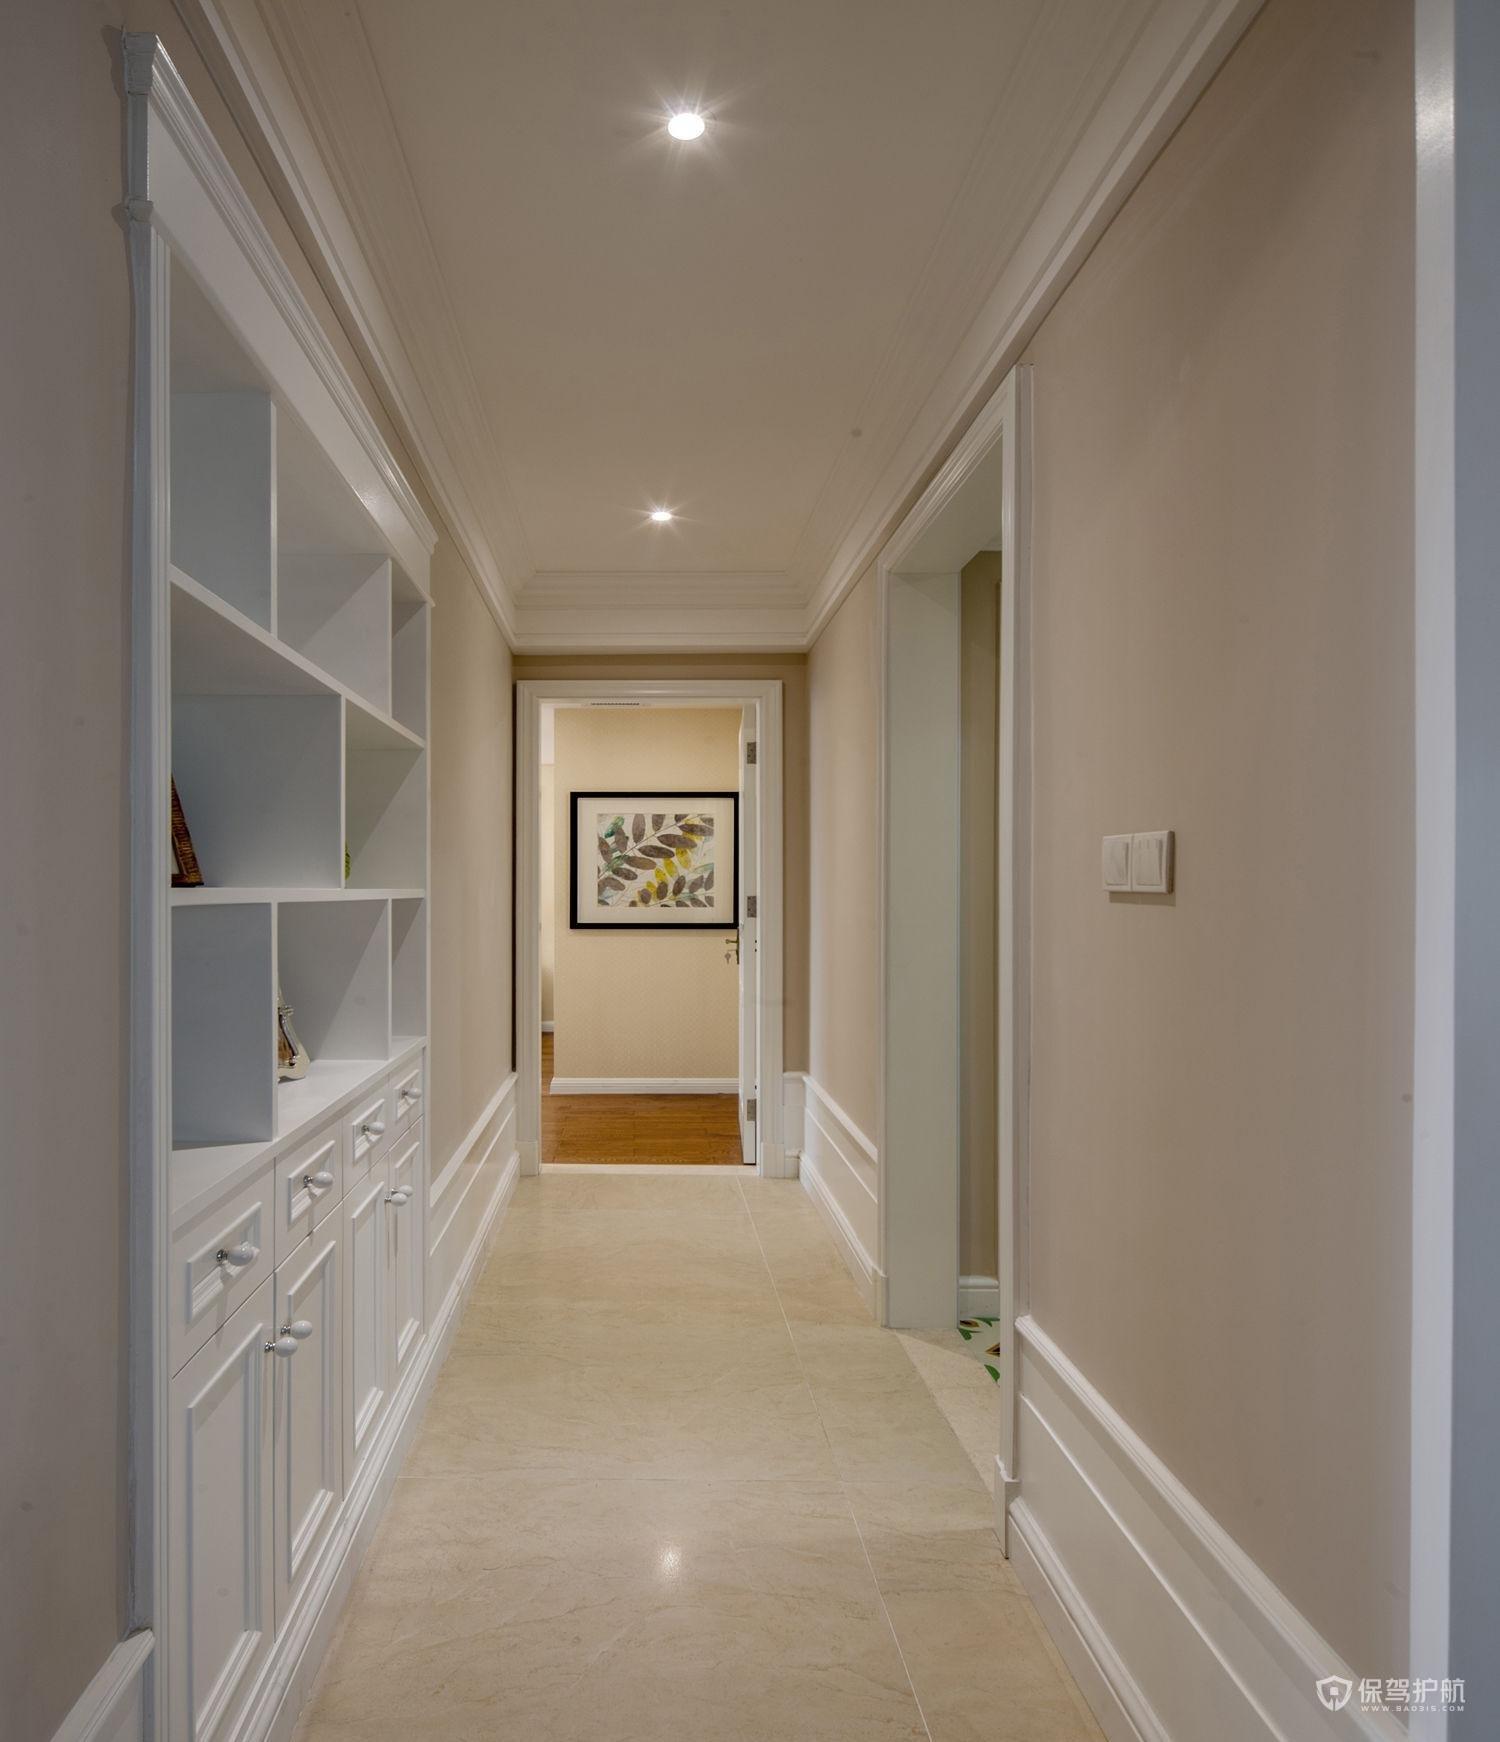 现代美式两室一厅走廊装修效果图